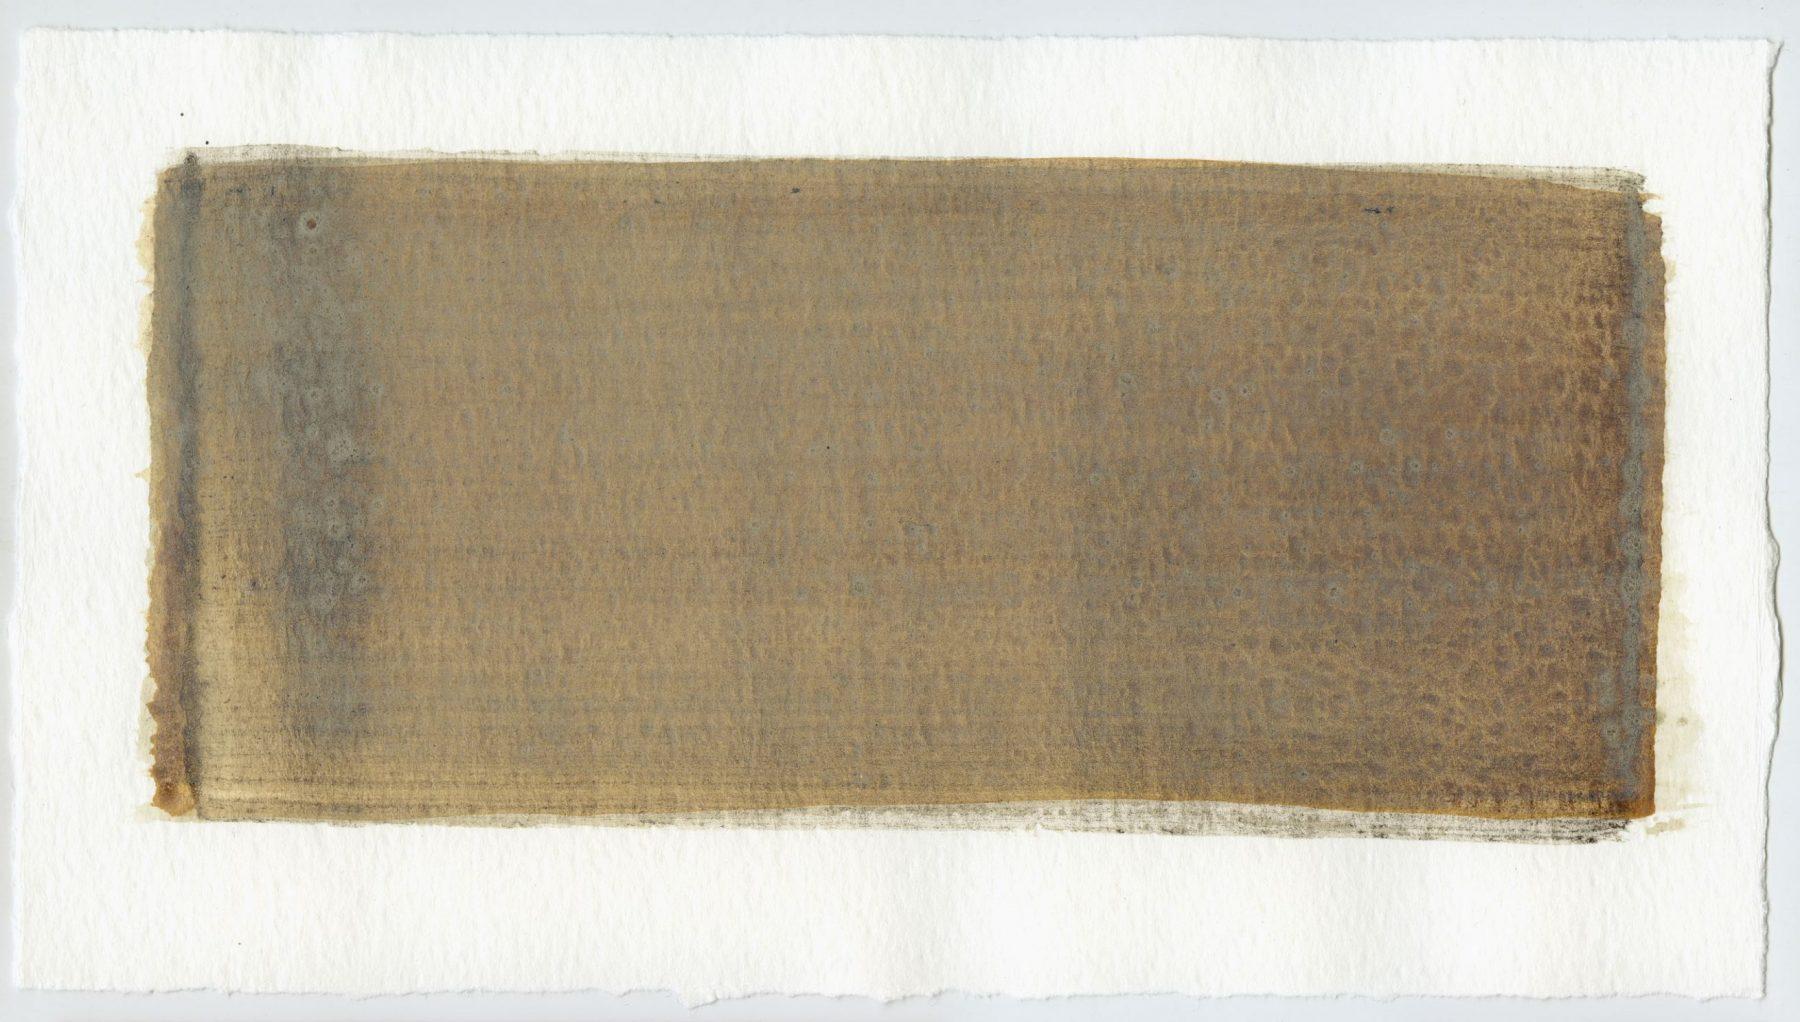 Brush stroke no. 28 - Selfmade pigment: IJzeroer, Slingerpad zwart, Boekels grijs